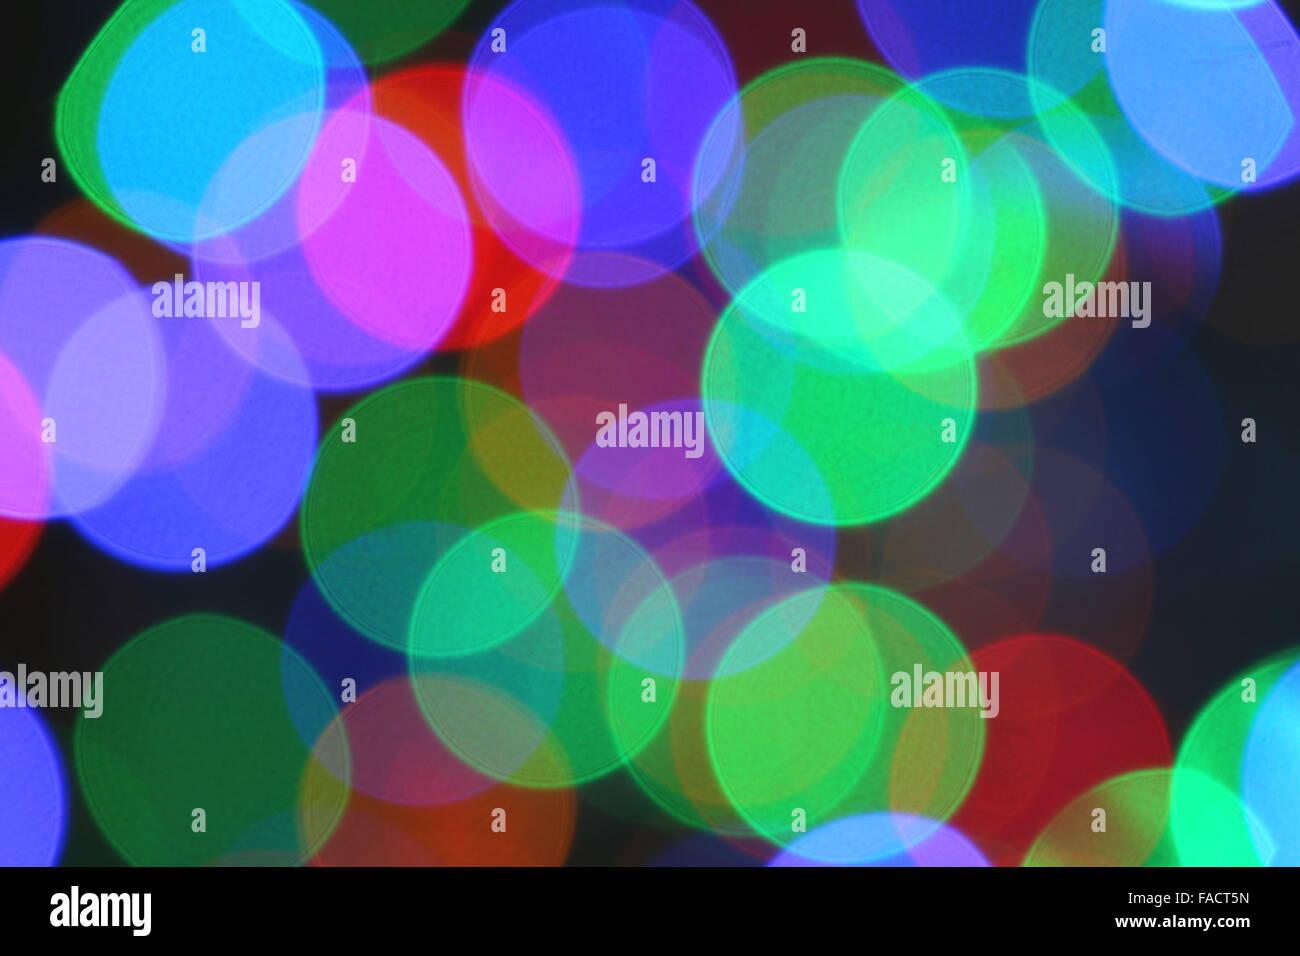 Abstract, Christmas lights. - Stock Image